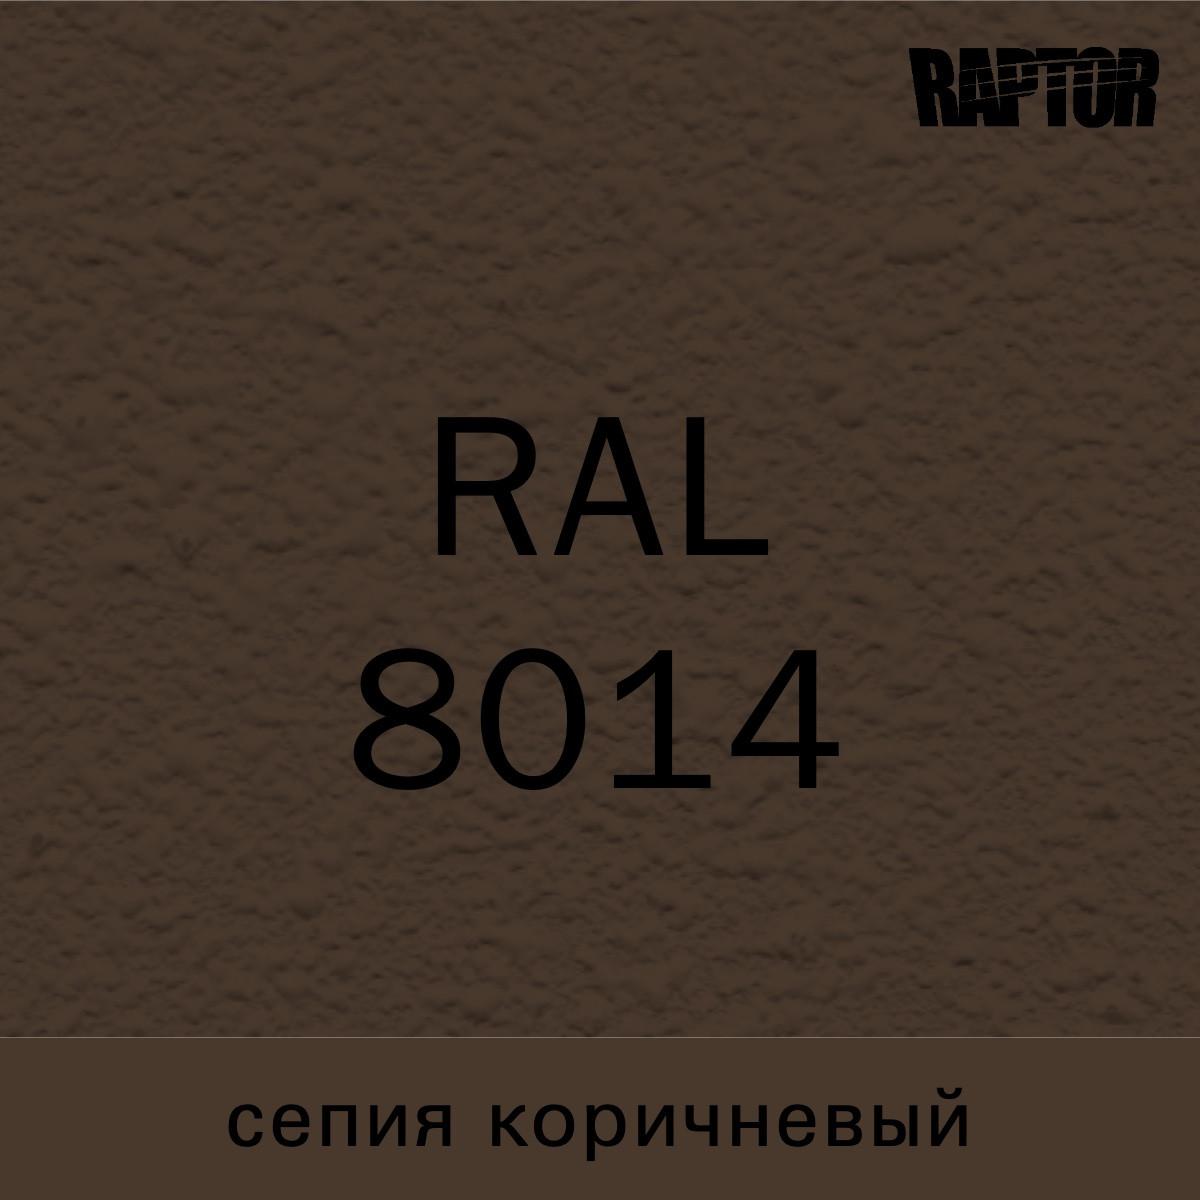 Пигмент для колеровки покрытия RAPTOR™ Сепия коричневый (RAL 8014)